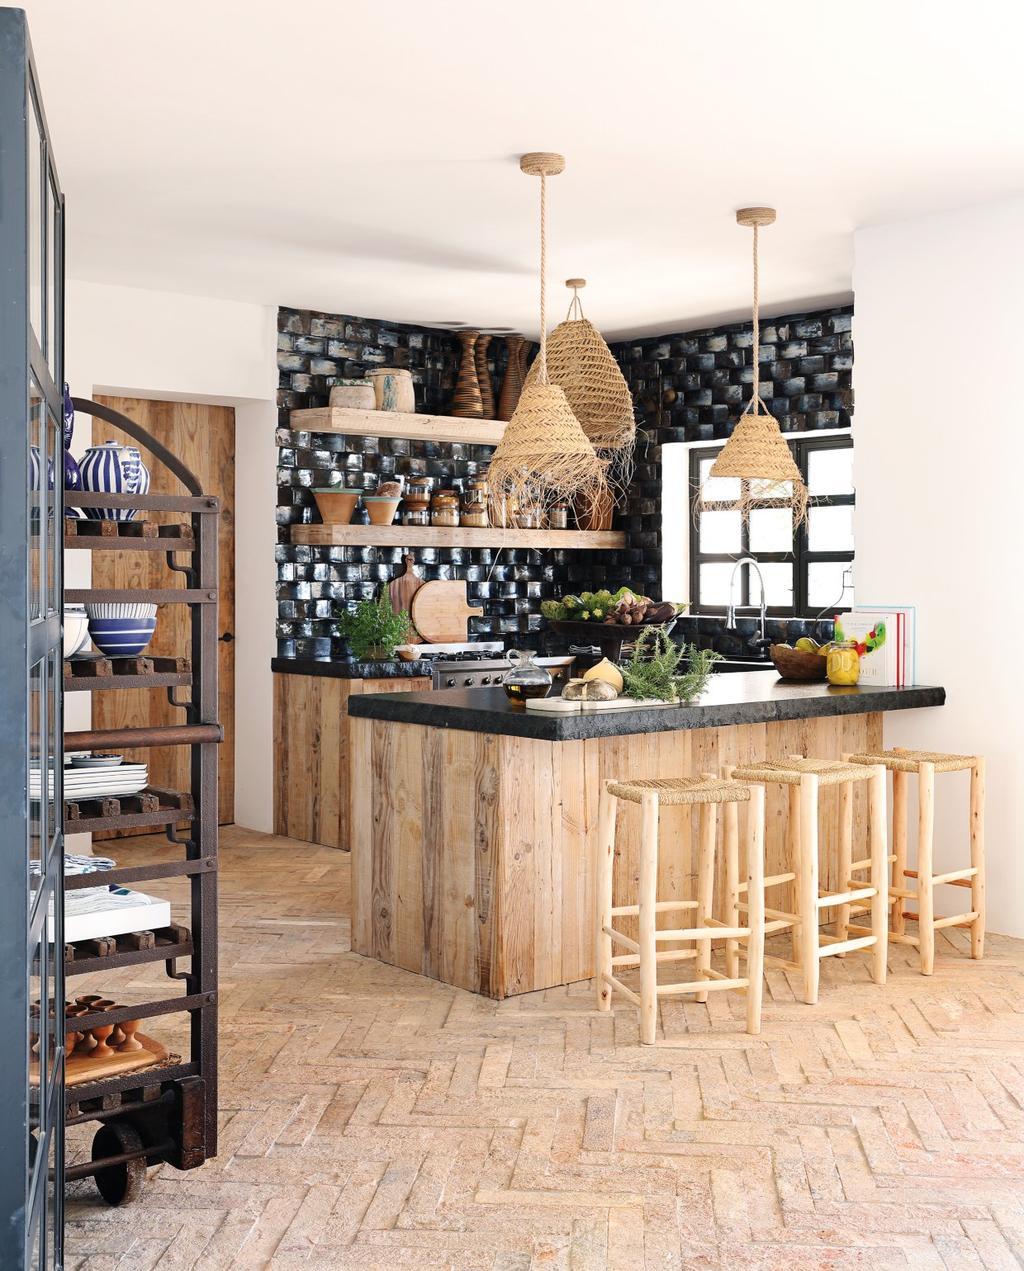 vtwonen 08-2020 | bk buitenland ibiza keuken met zwarte tegels en houten kookeiland